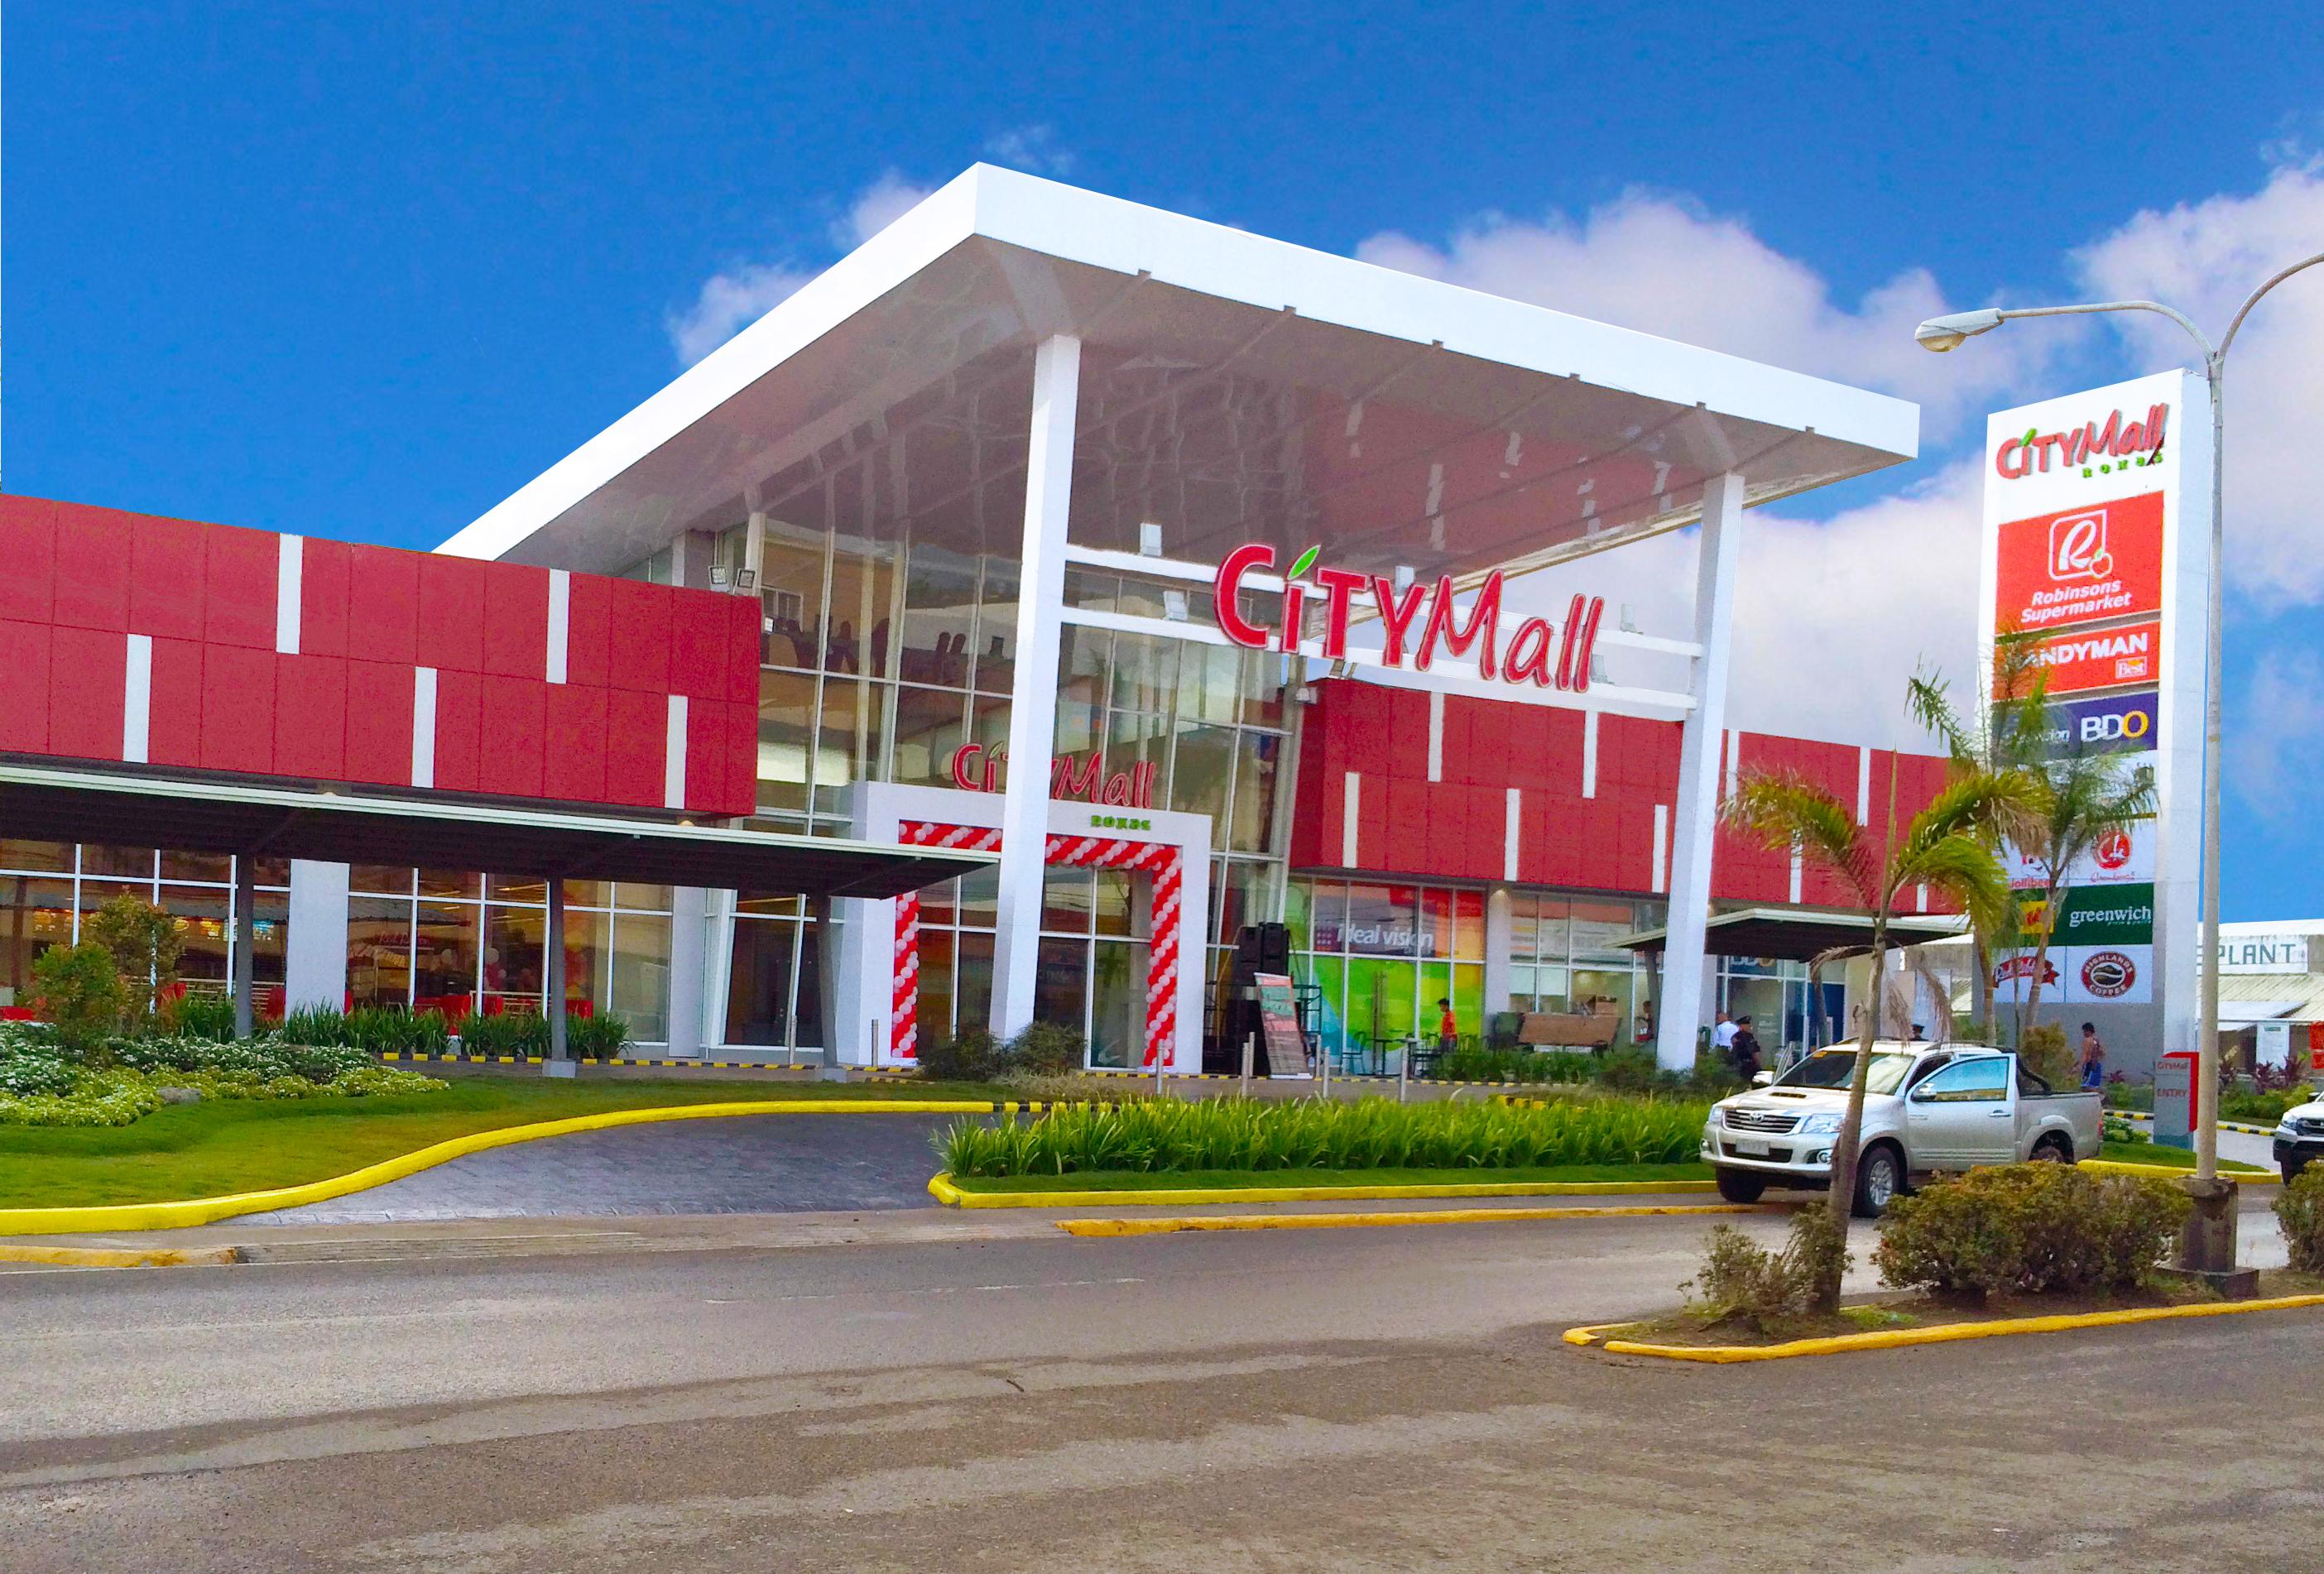 city mall roxas 2